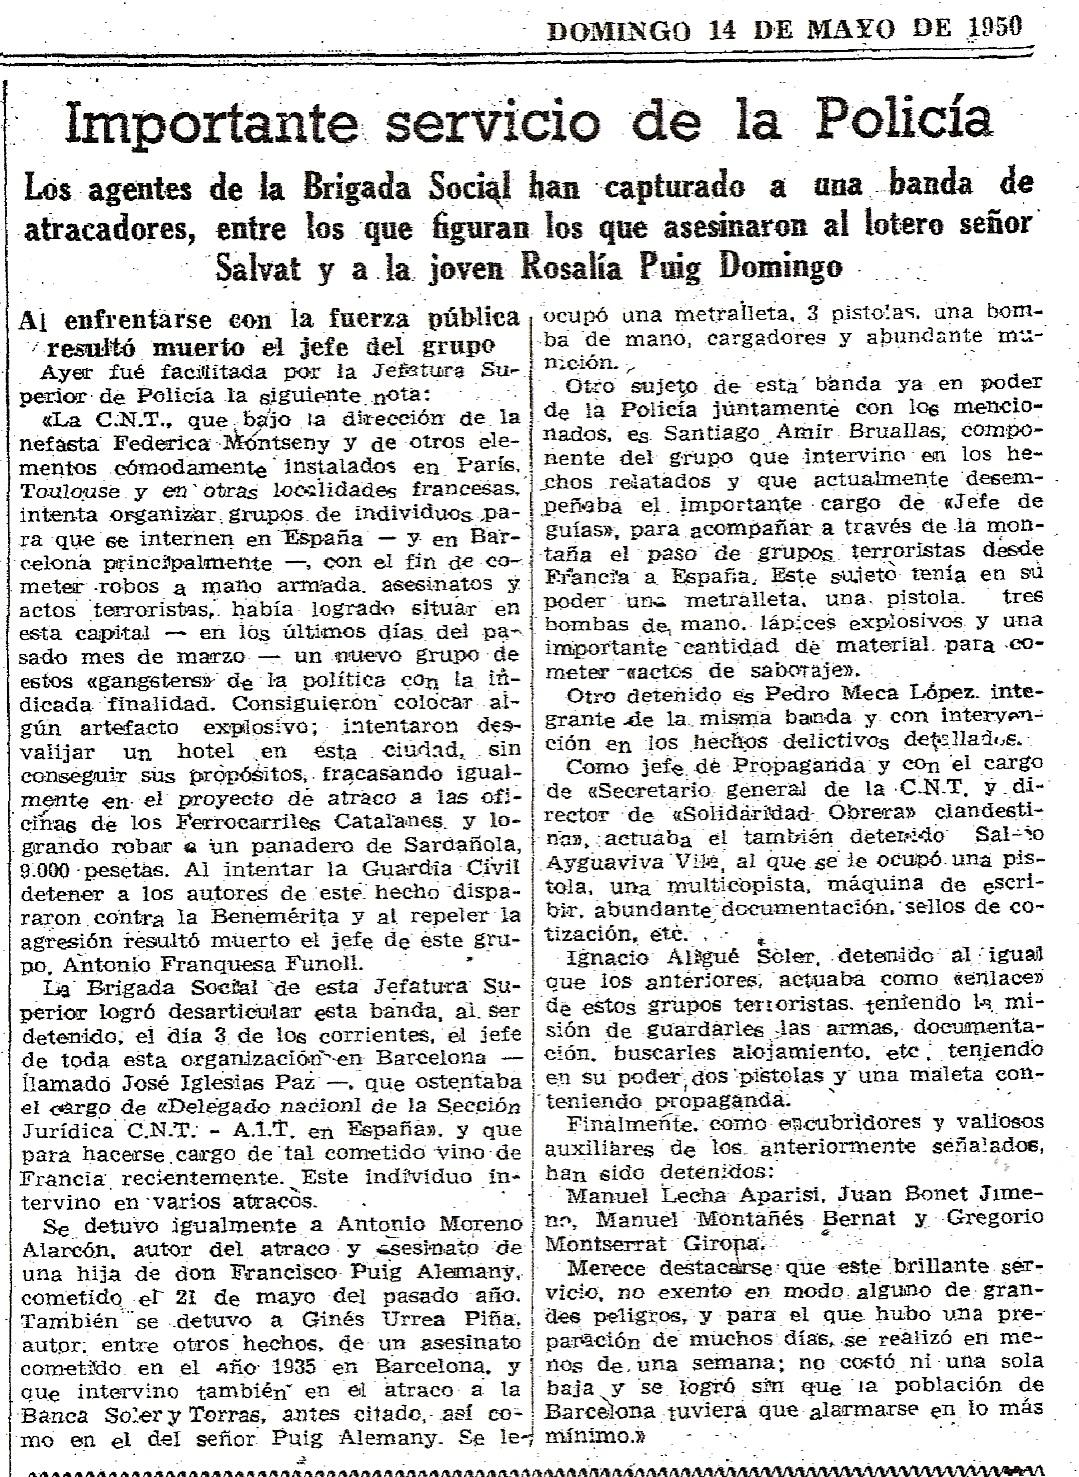 Detención de parte del grupo. La Vanguardia 14-5-1950.